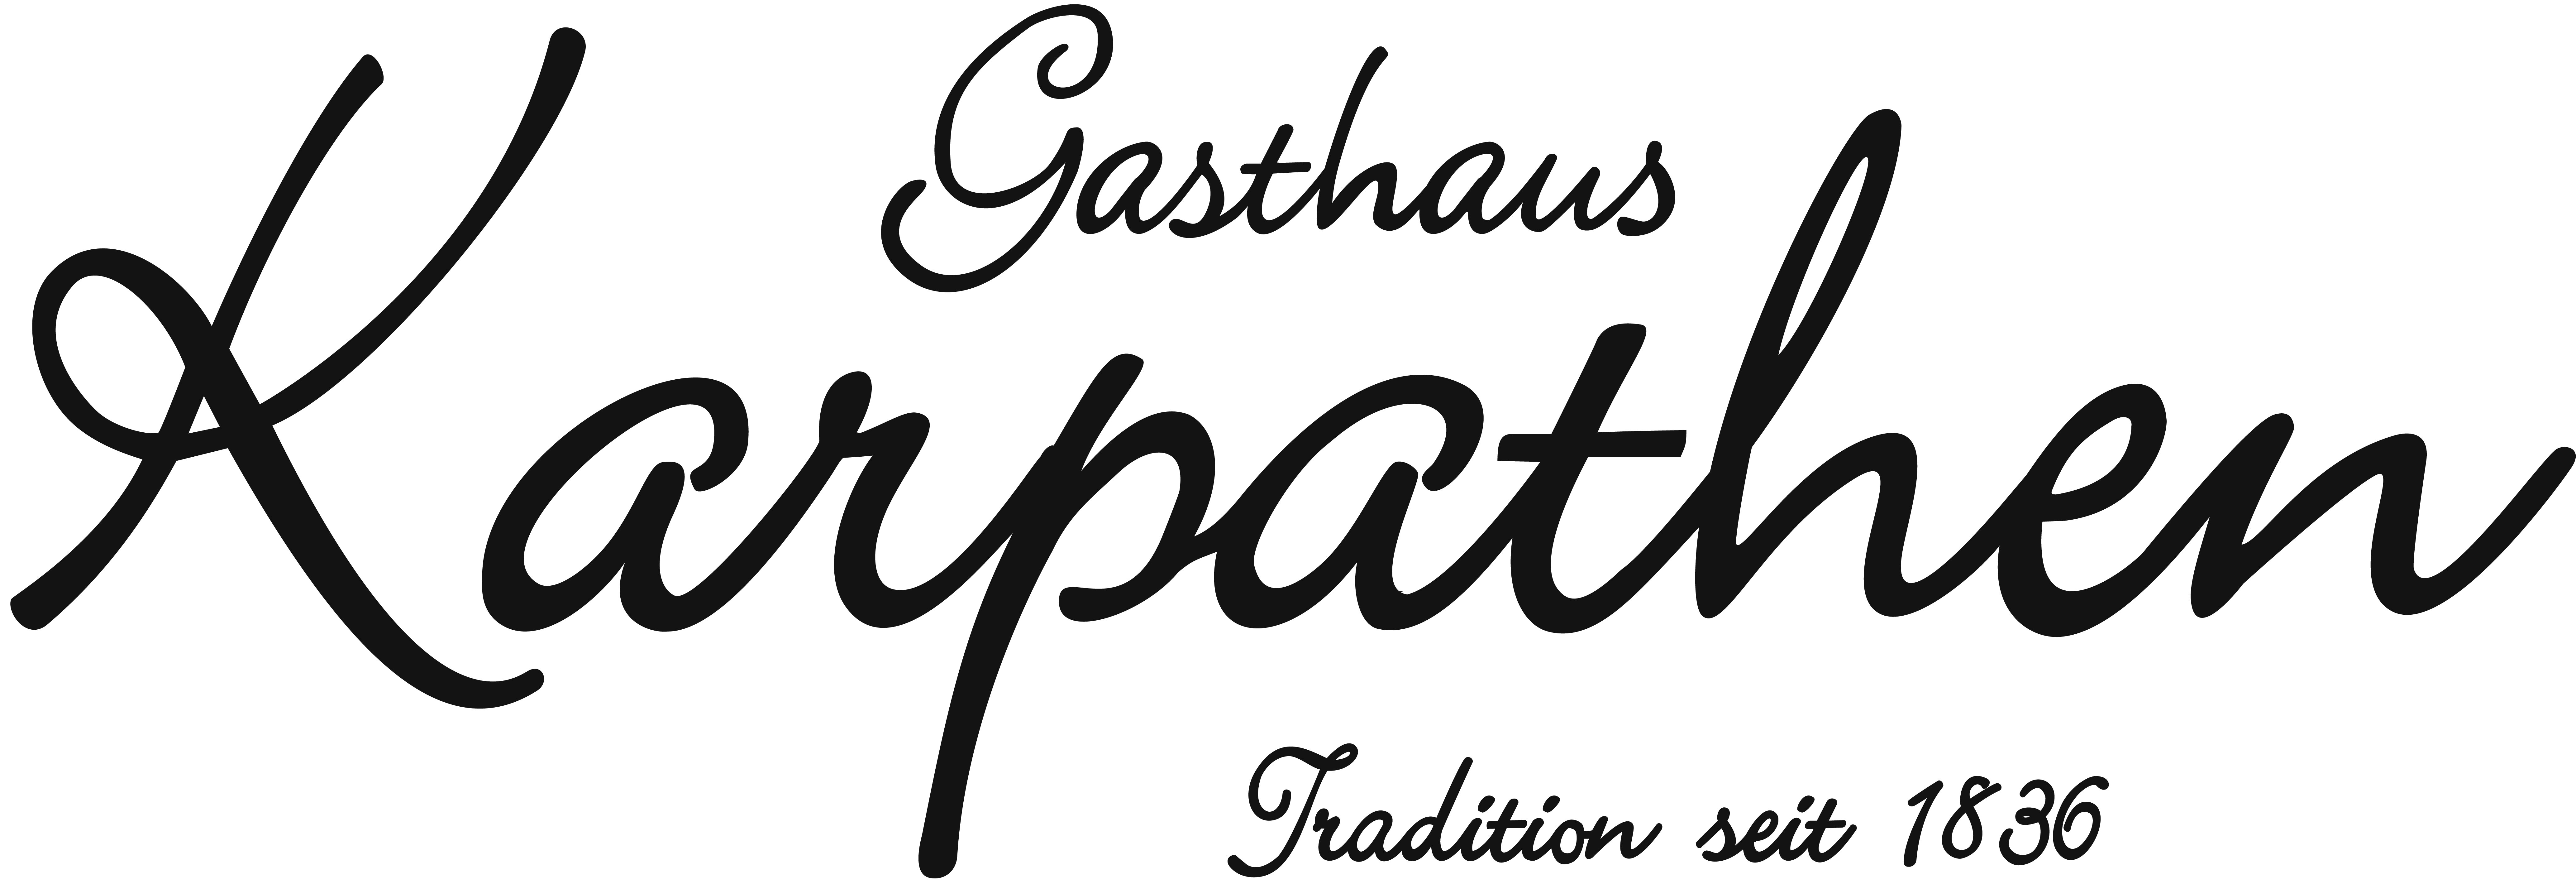 Gasthaus Karpathen